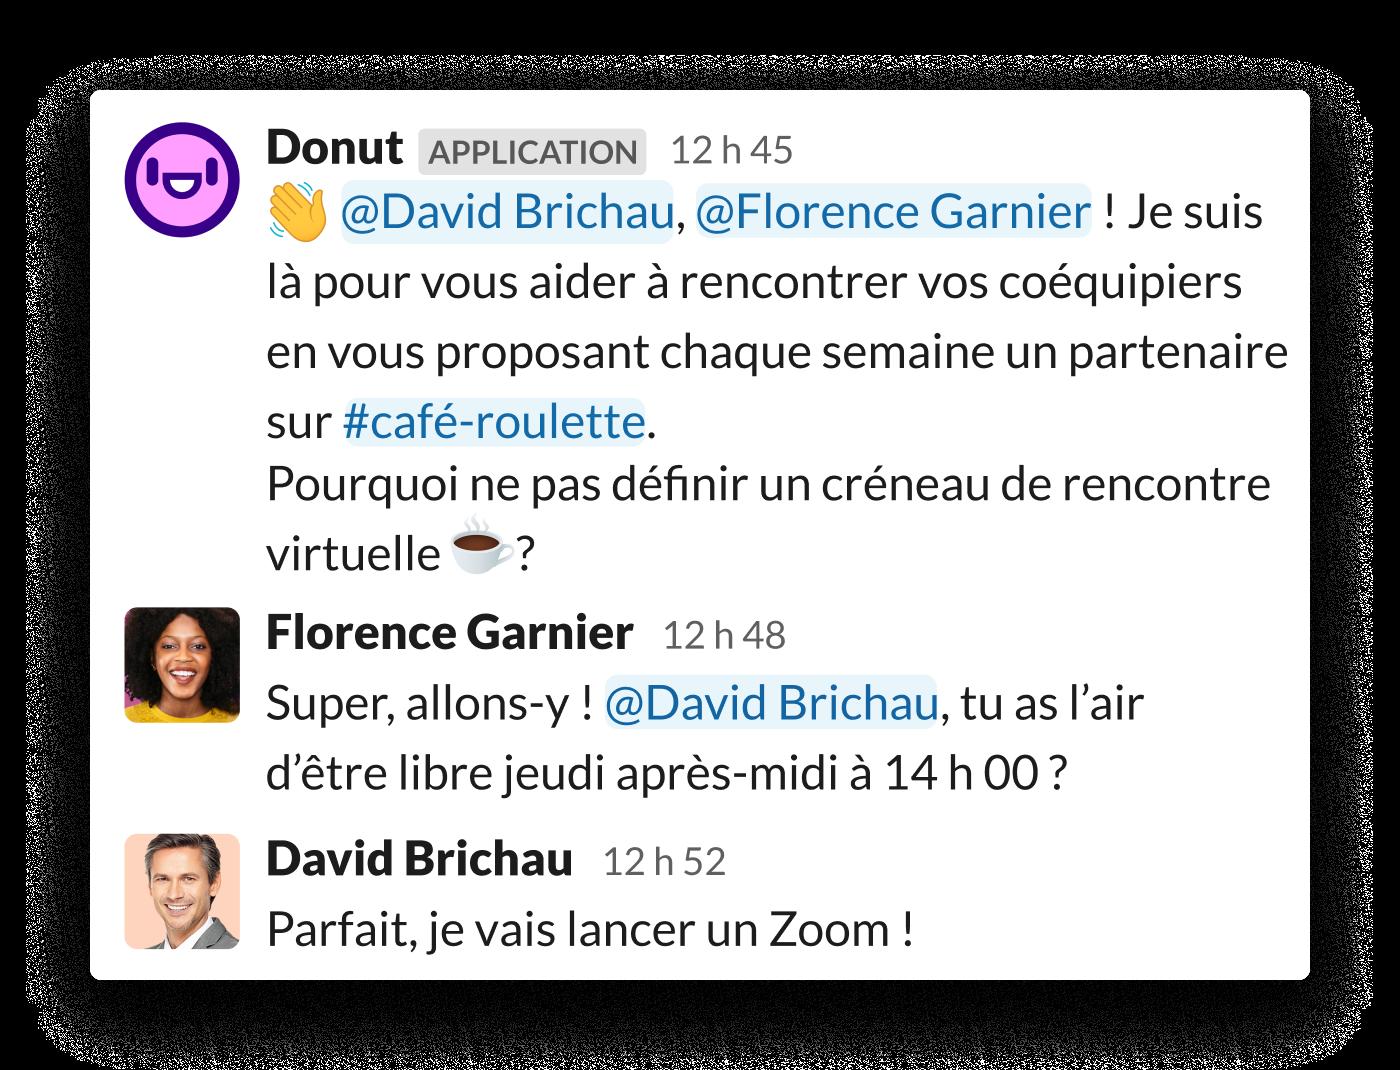 Deux collègues sont invités à se rencontrer via l'application Donut pour Slack